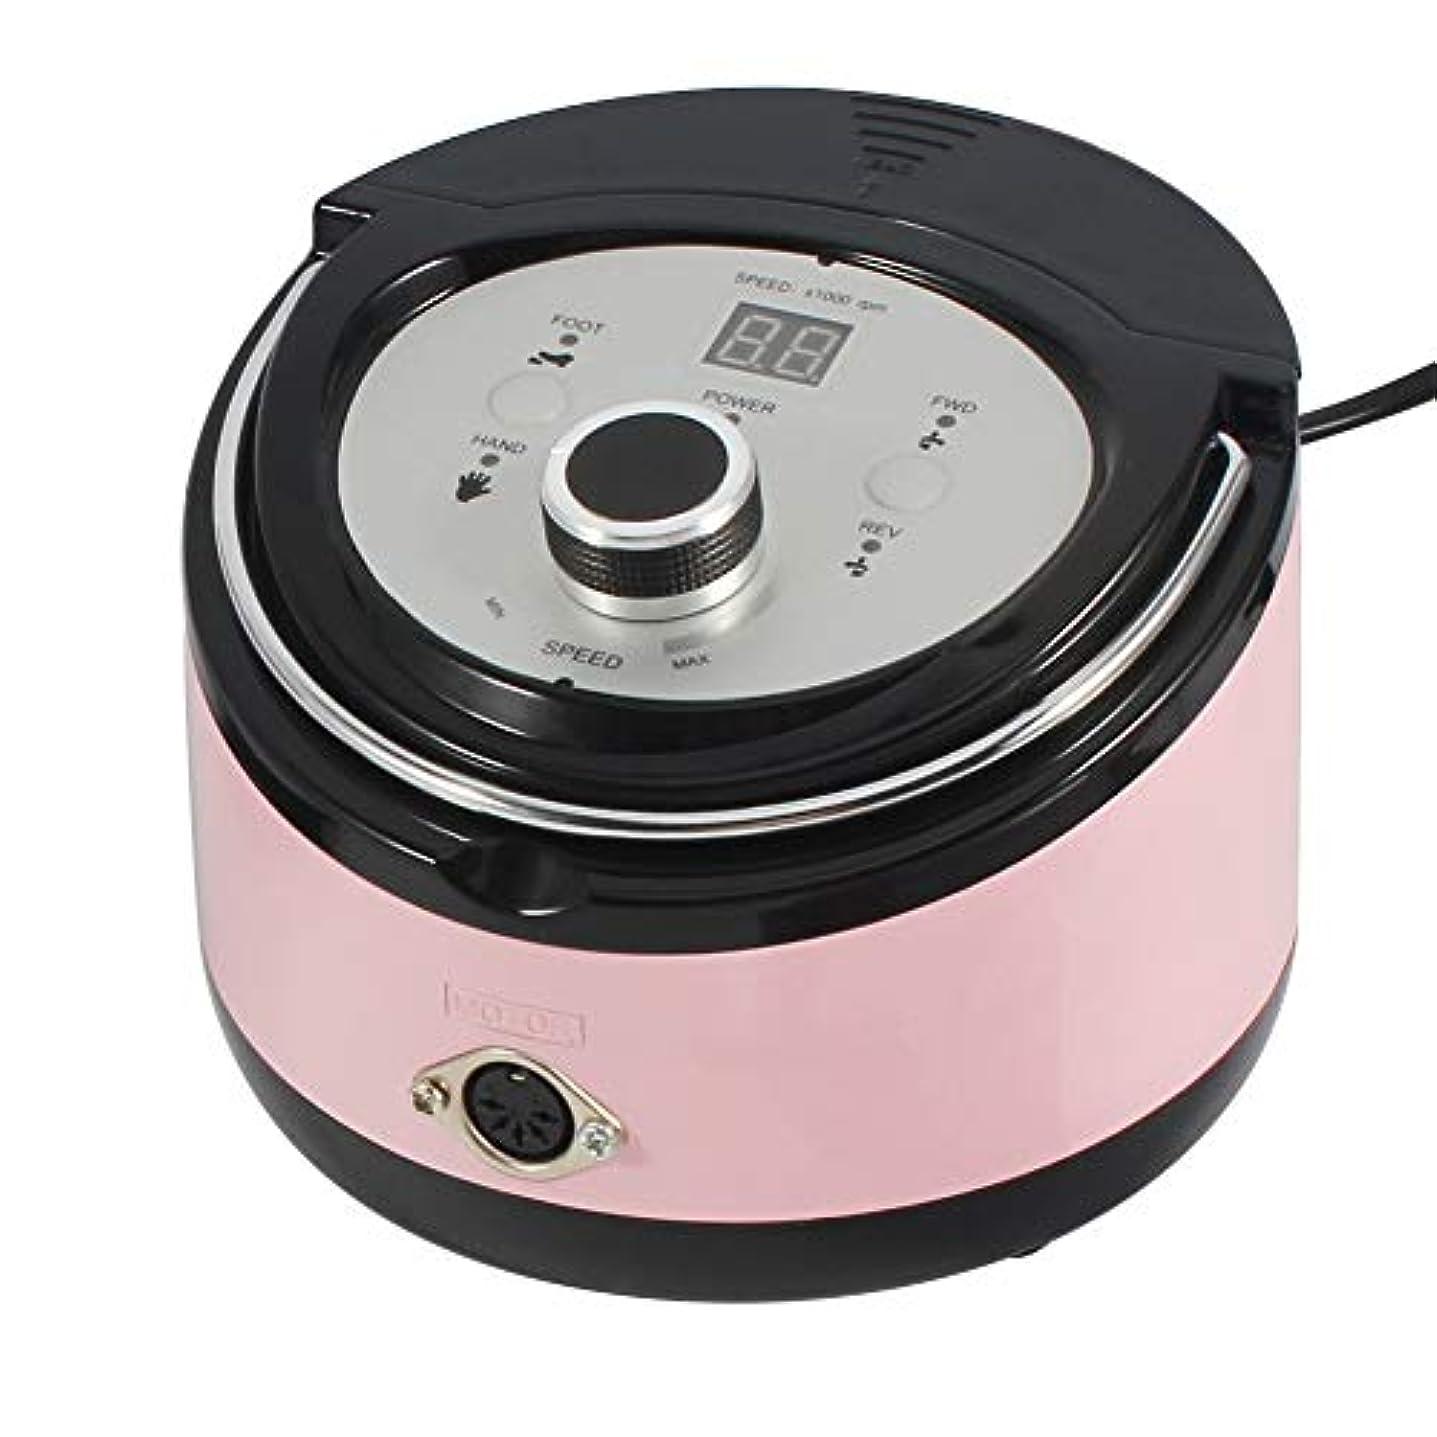 カップ好ましい定期的に電気マニキュアは専門の電気釘のドリル機械45W 35000RPMのポリッシャペディキュアのための調節可能な速度LEDスクリーンをあけます,ピンク